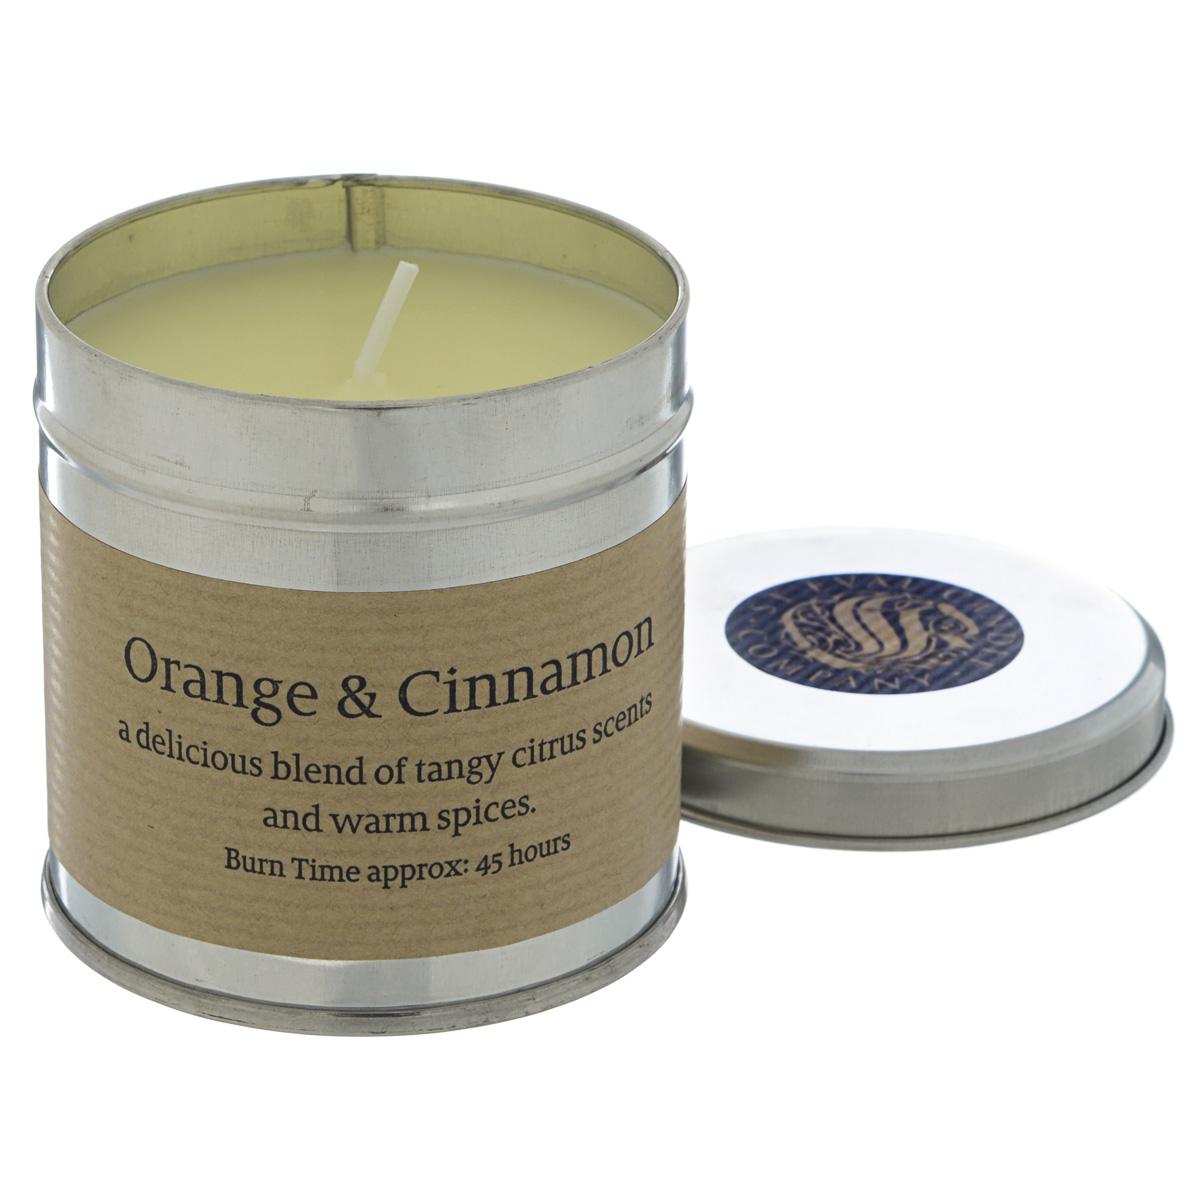 St Eval candle Апельсин с корицей ароматическая свеча в алюминии, 45 часовS-TIN/OCМягкий, но в то же время глубокий аромат теплых специй в сочетании с цитрусовыми. Свечи St Eval candle производятся вручную из природного воска в традиционном английском стиле, который давно уже стал бестселлером во всем мире.